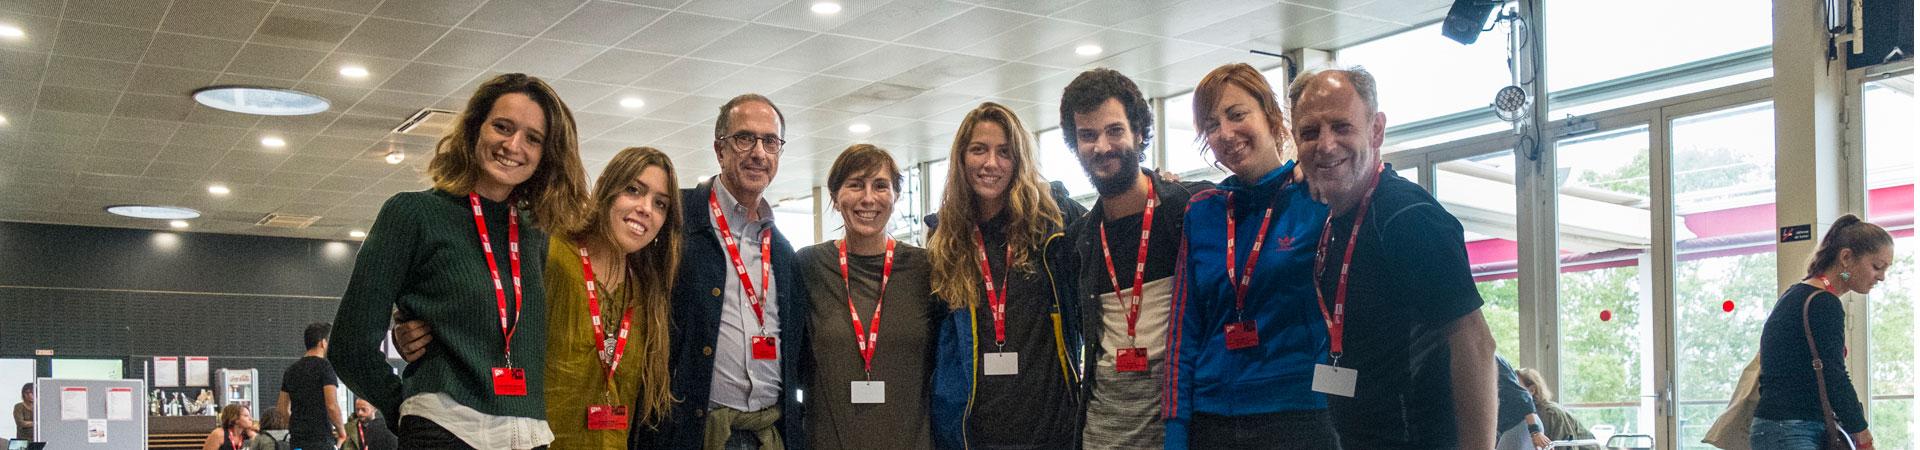 Foto archivo: Participantes del Campus Internacional de Escuelas de Fotografía del Festival Visa pour l